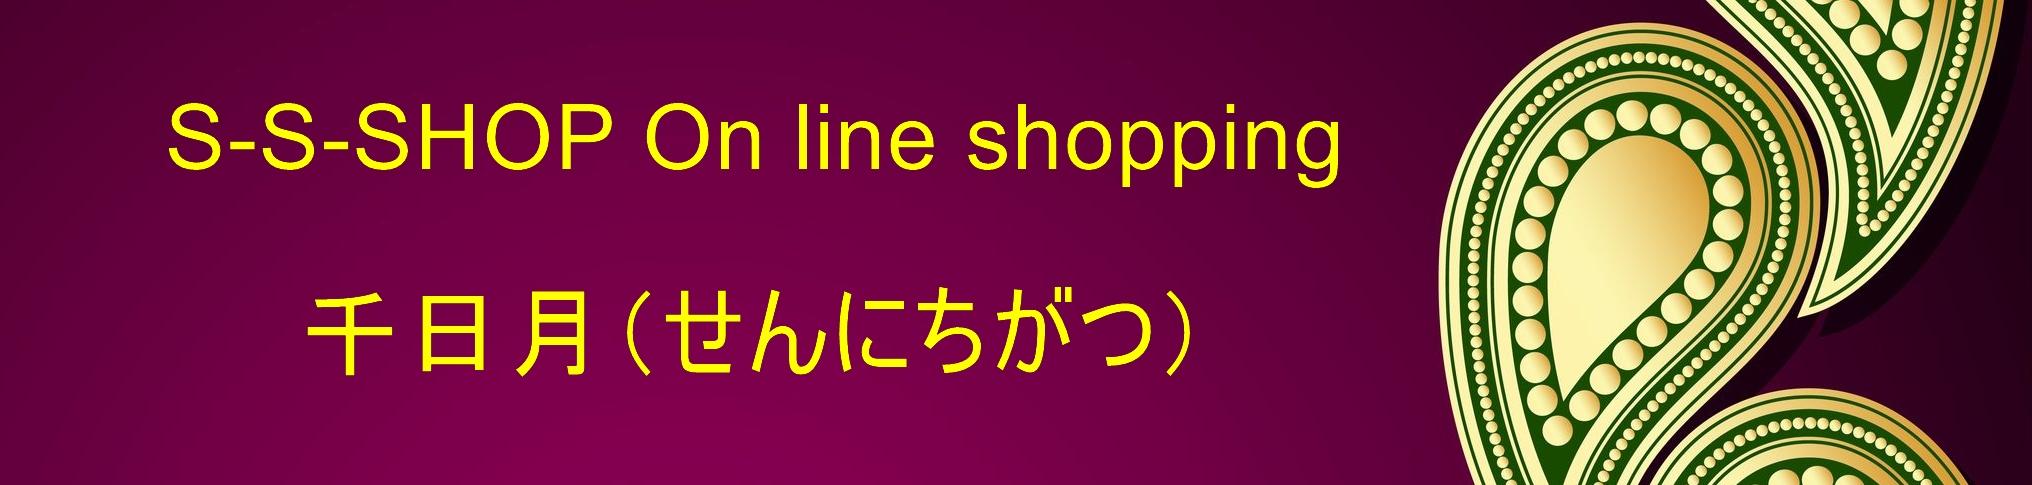 S-S-SHOP